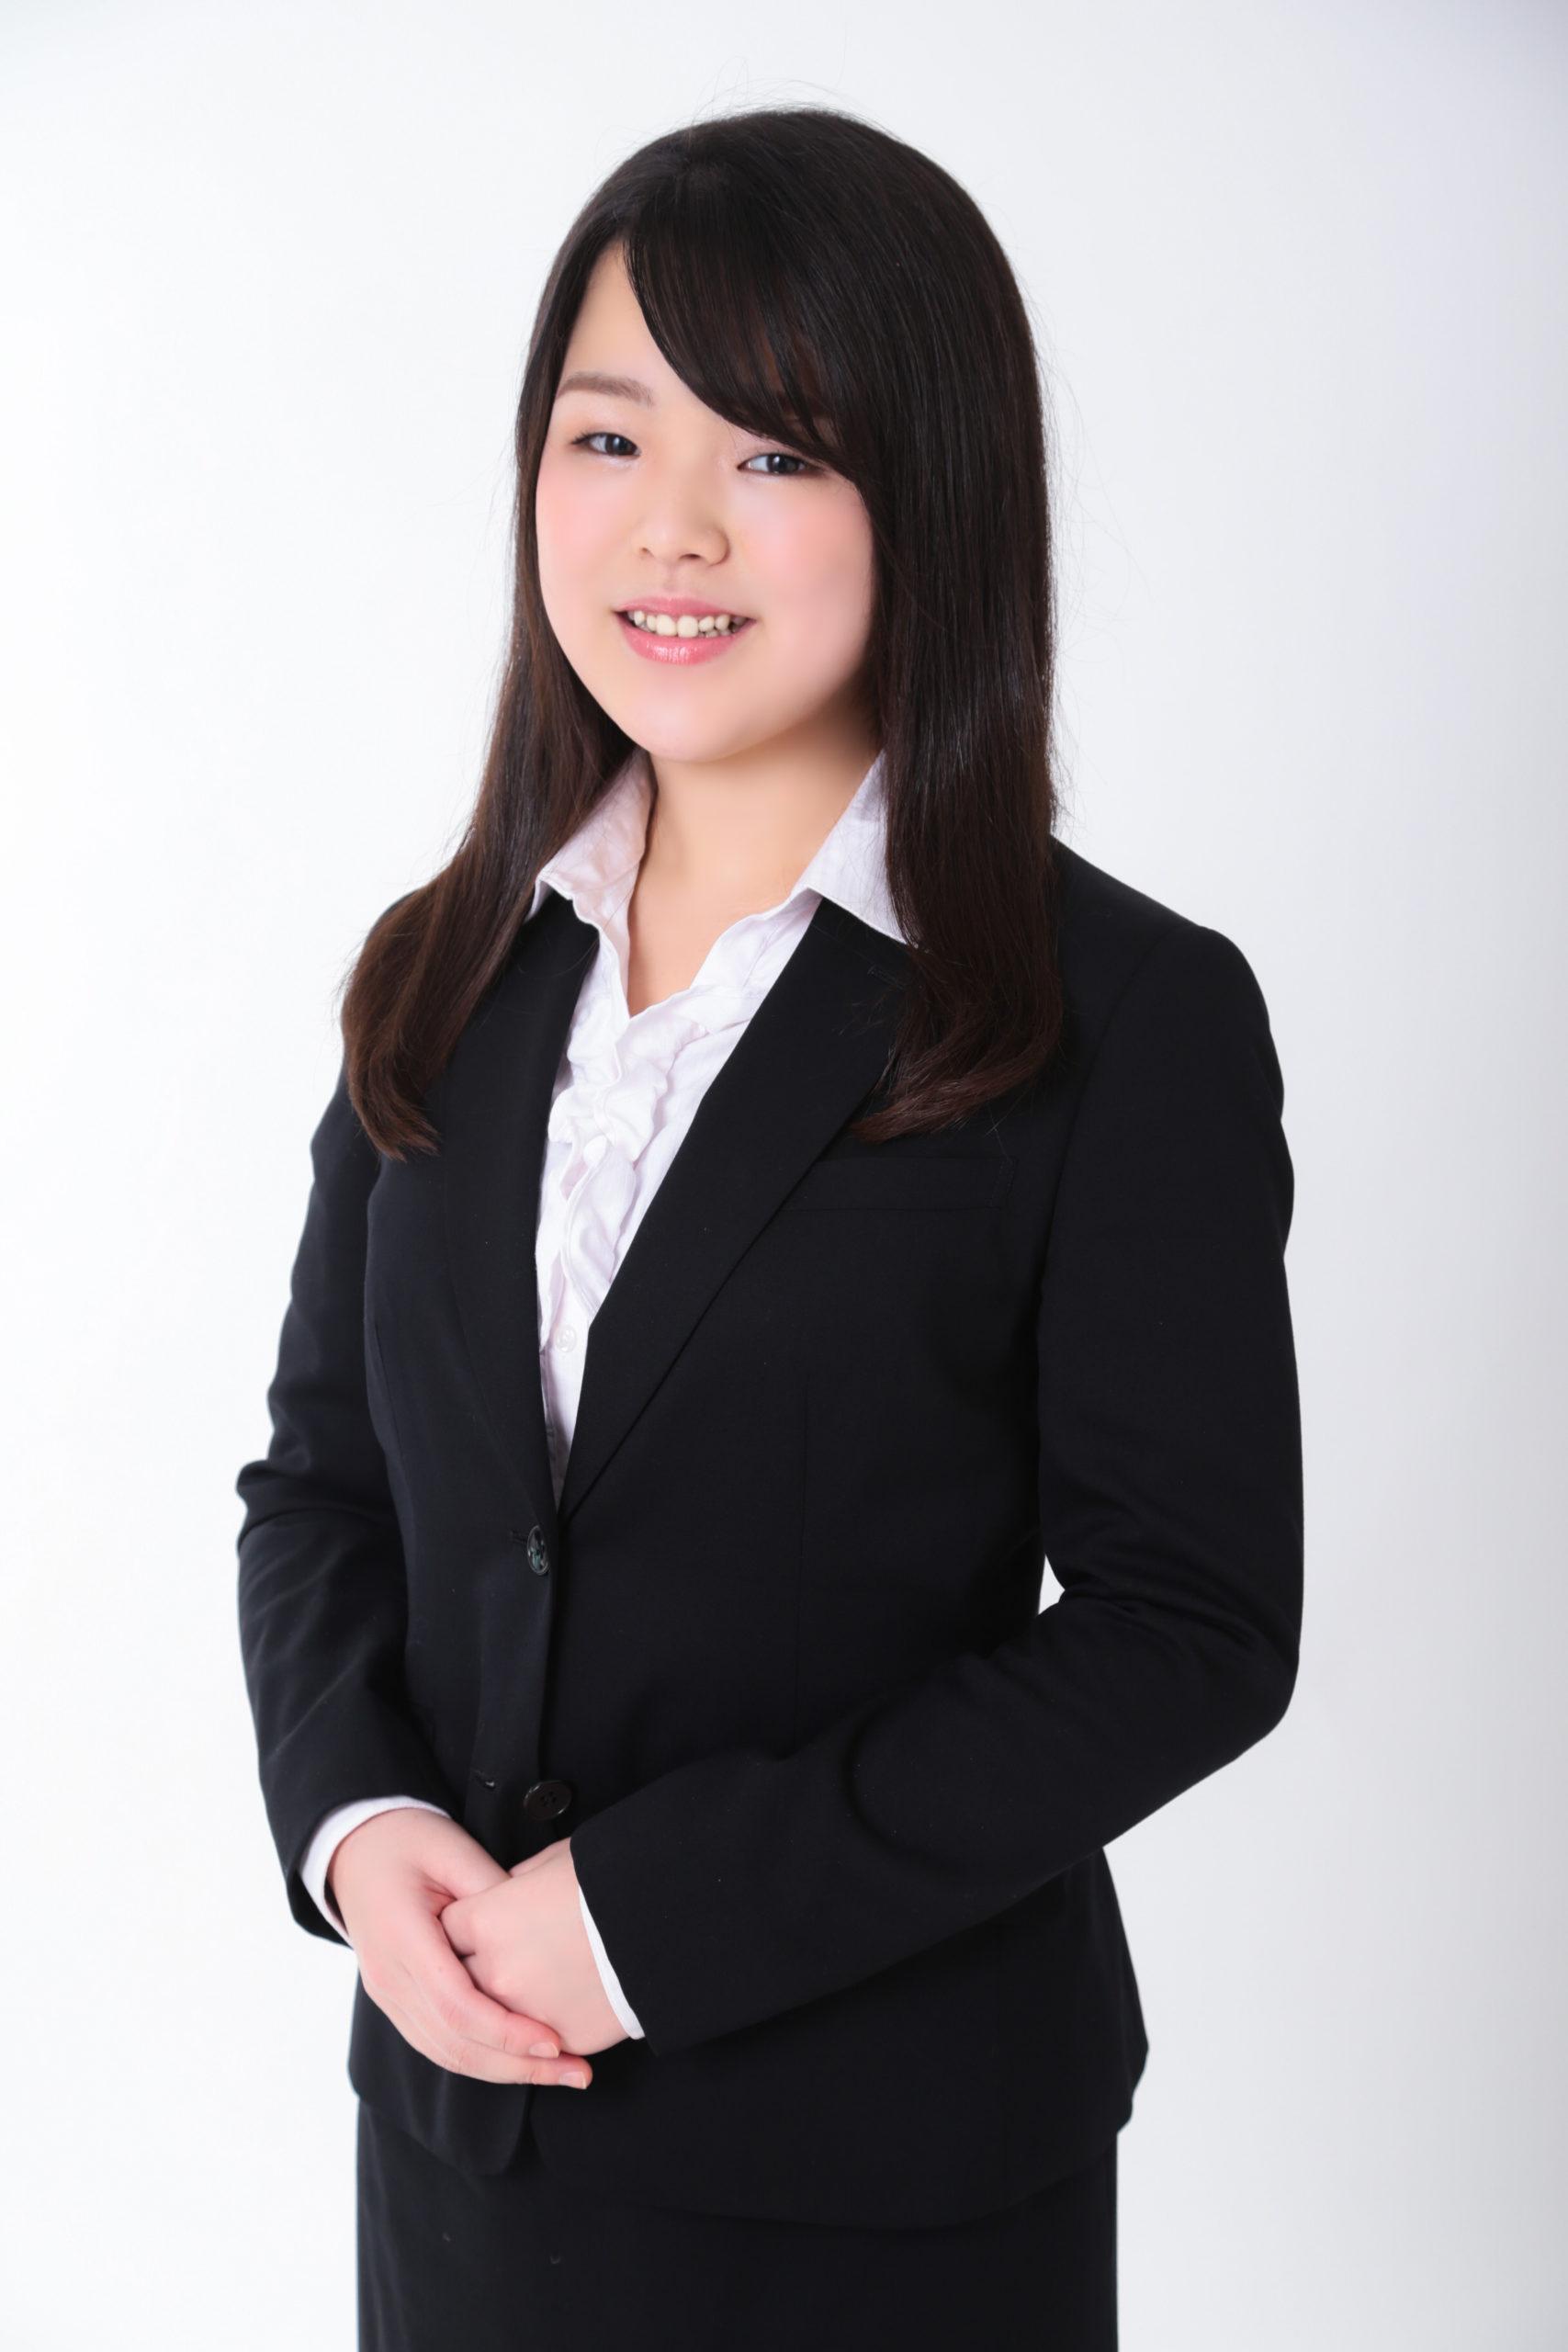 パトリック大阪でのオーディション撮影 プロフィール写真を撮影する女性 アナウンサーのオーディション写真